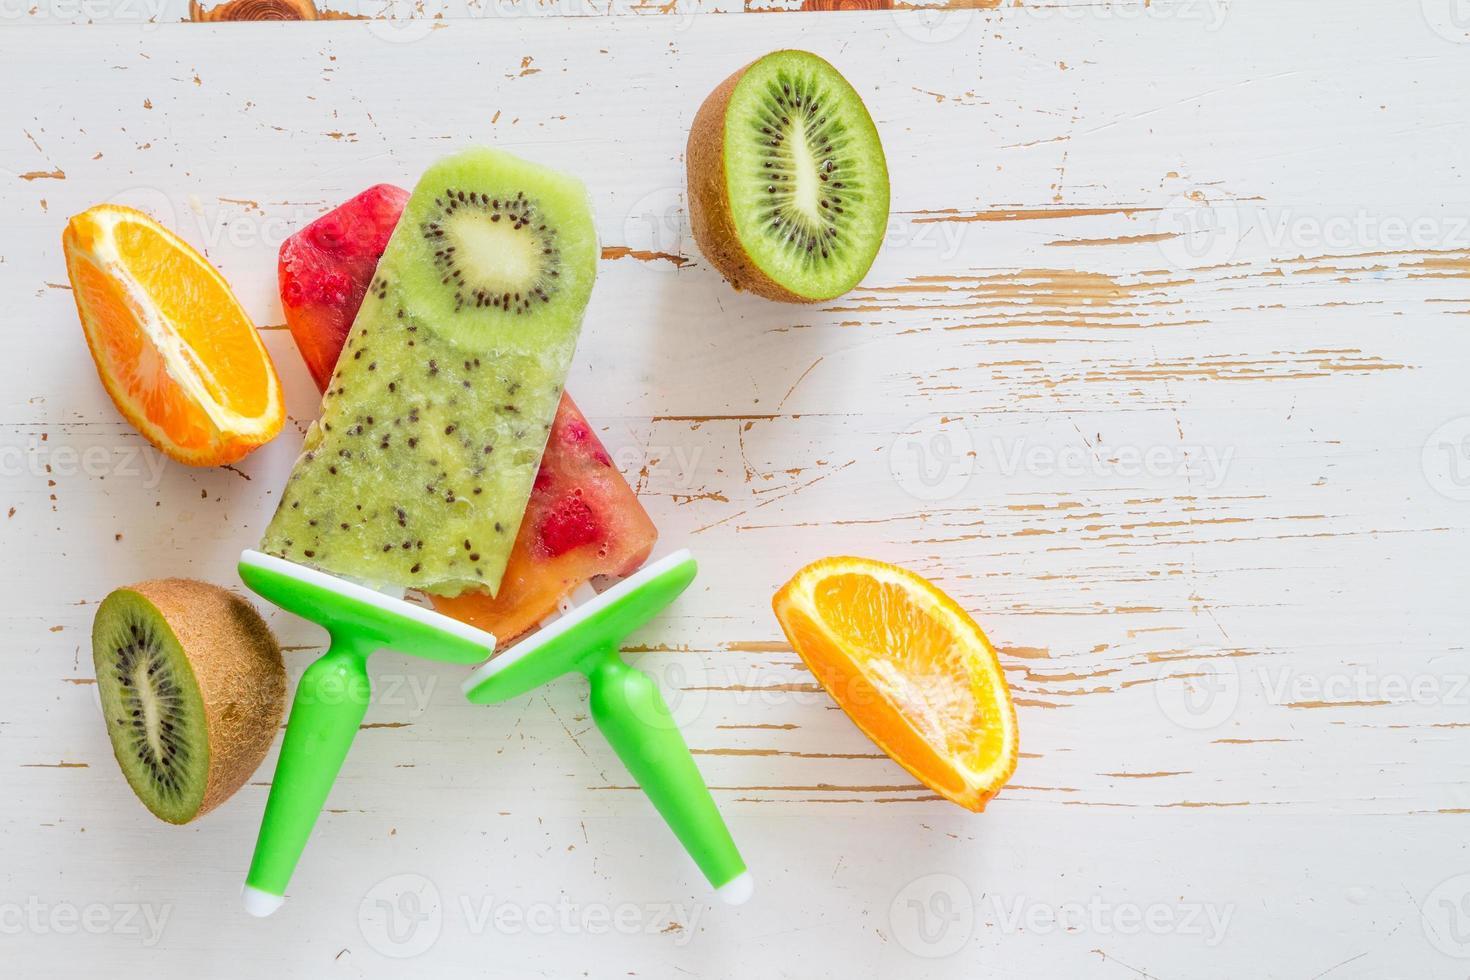 Schiocchi di ghiaccio di kiwi e frutti di bosco, fette d'arancia foto